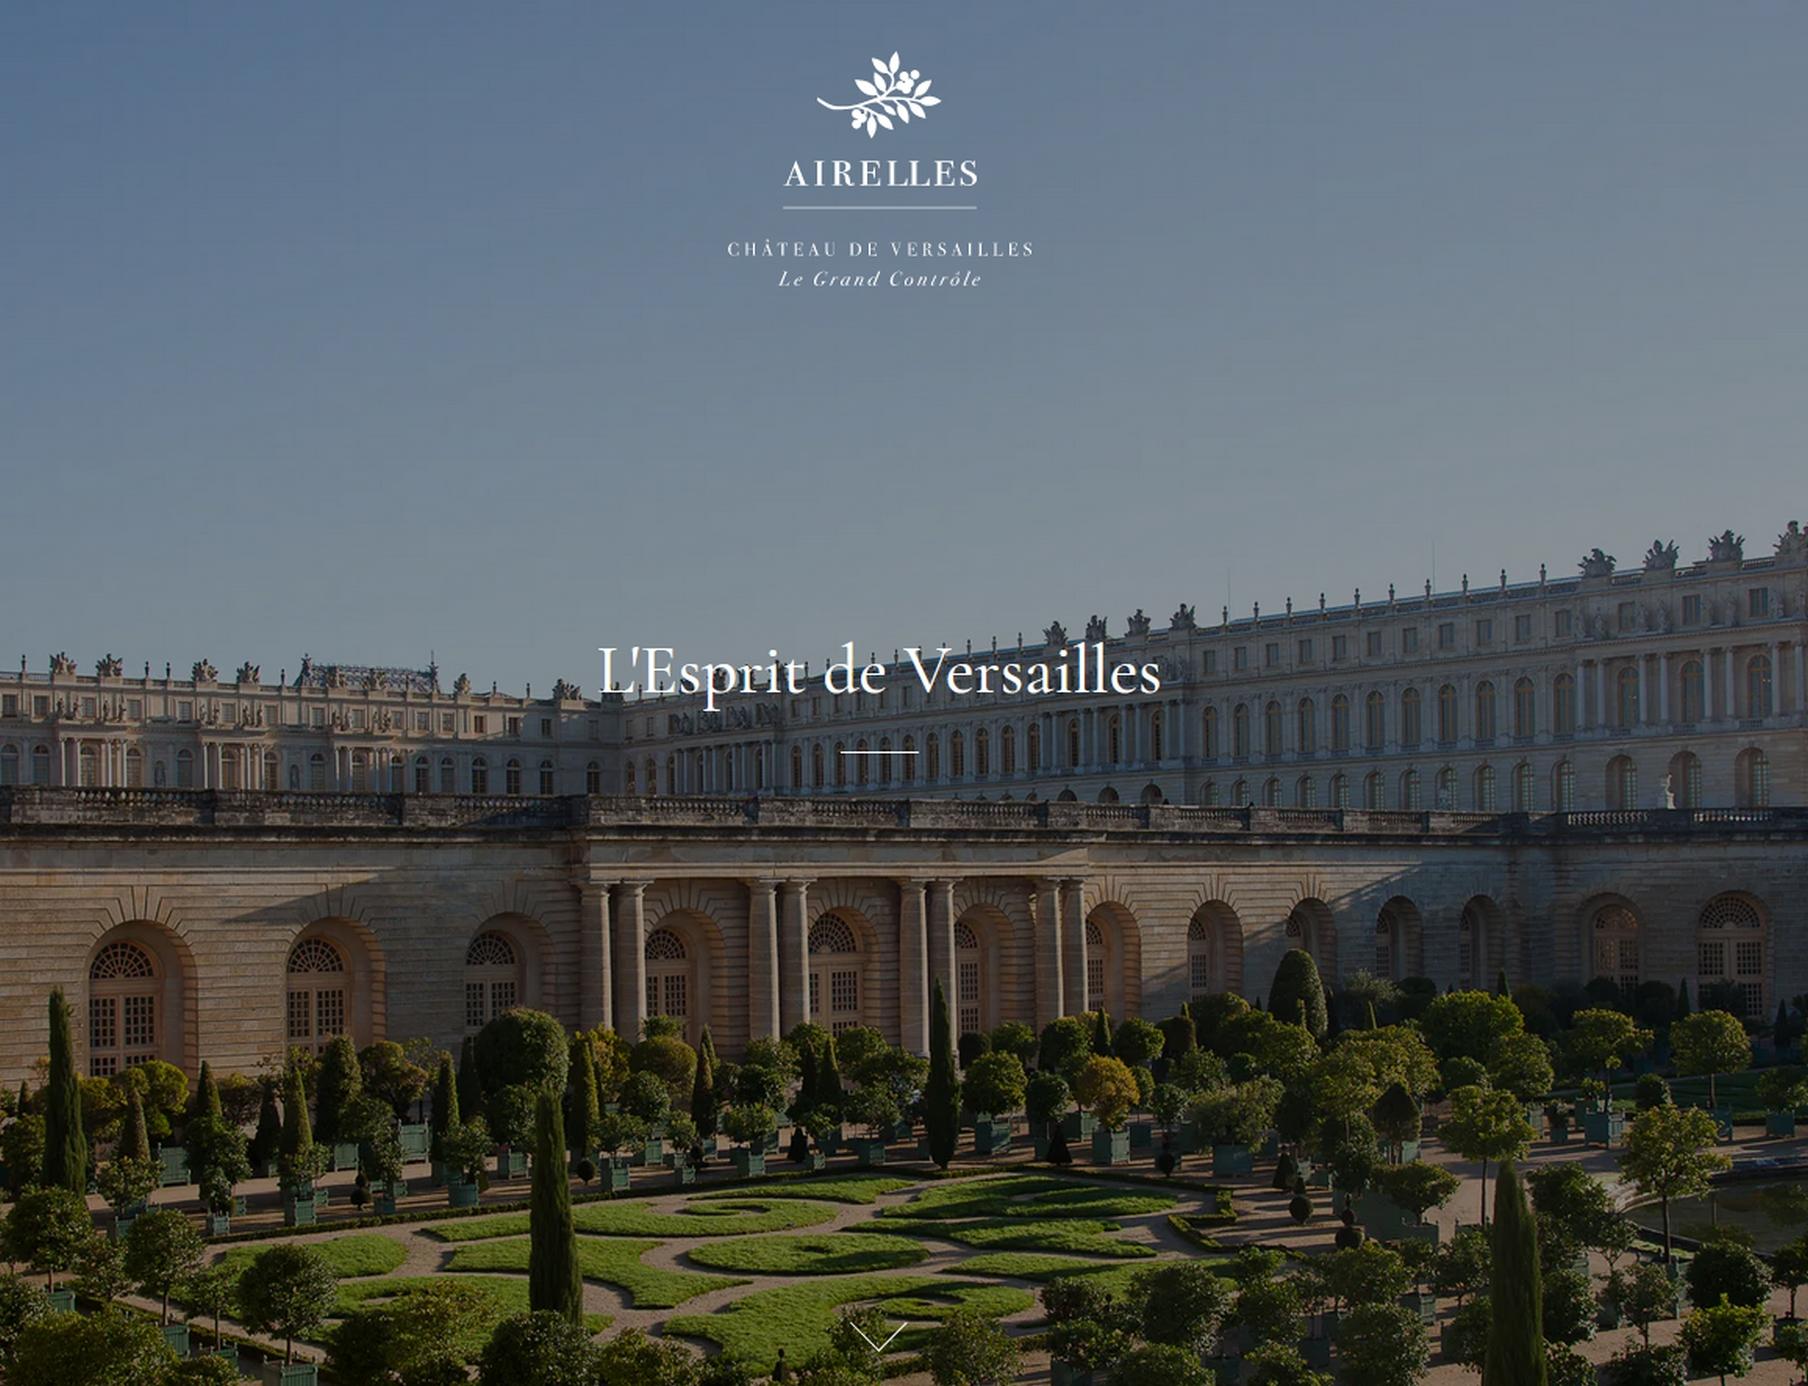 Hôtel Grand Contrôle site Airelles Château de Versailles